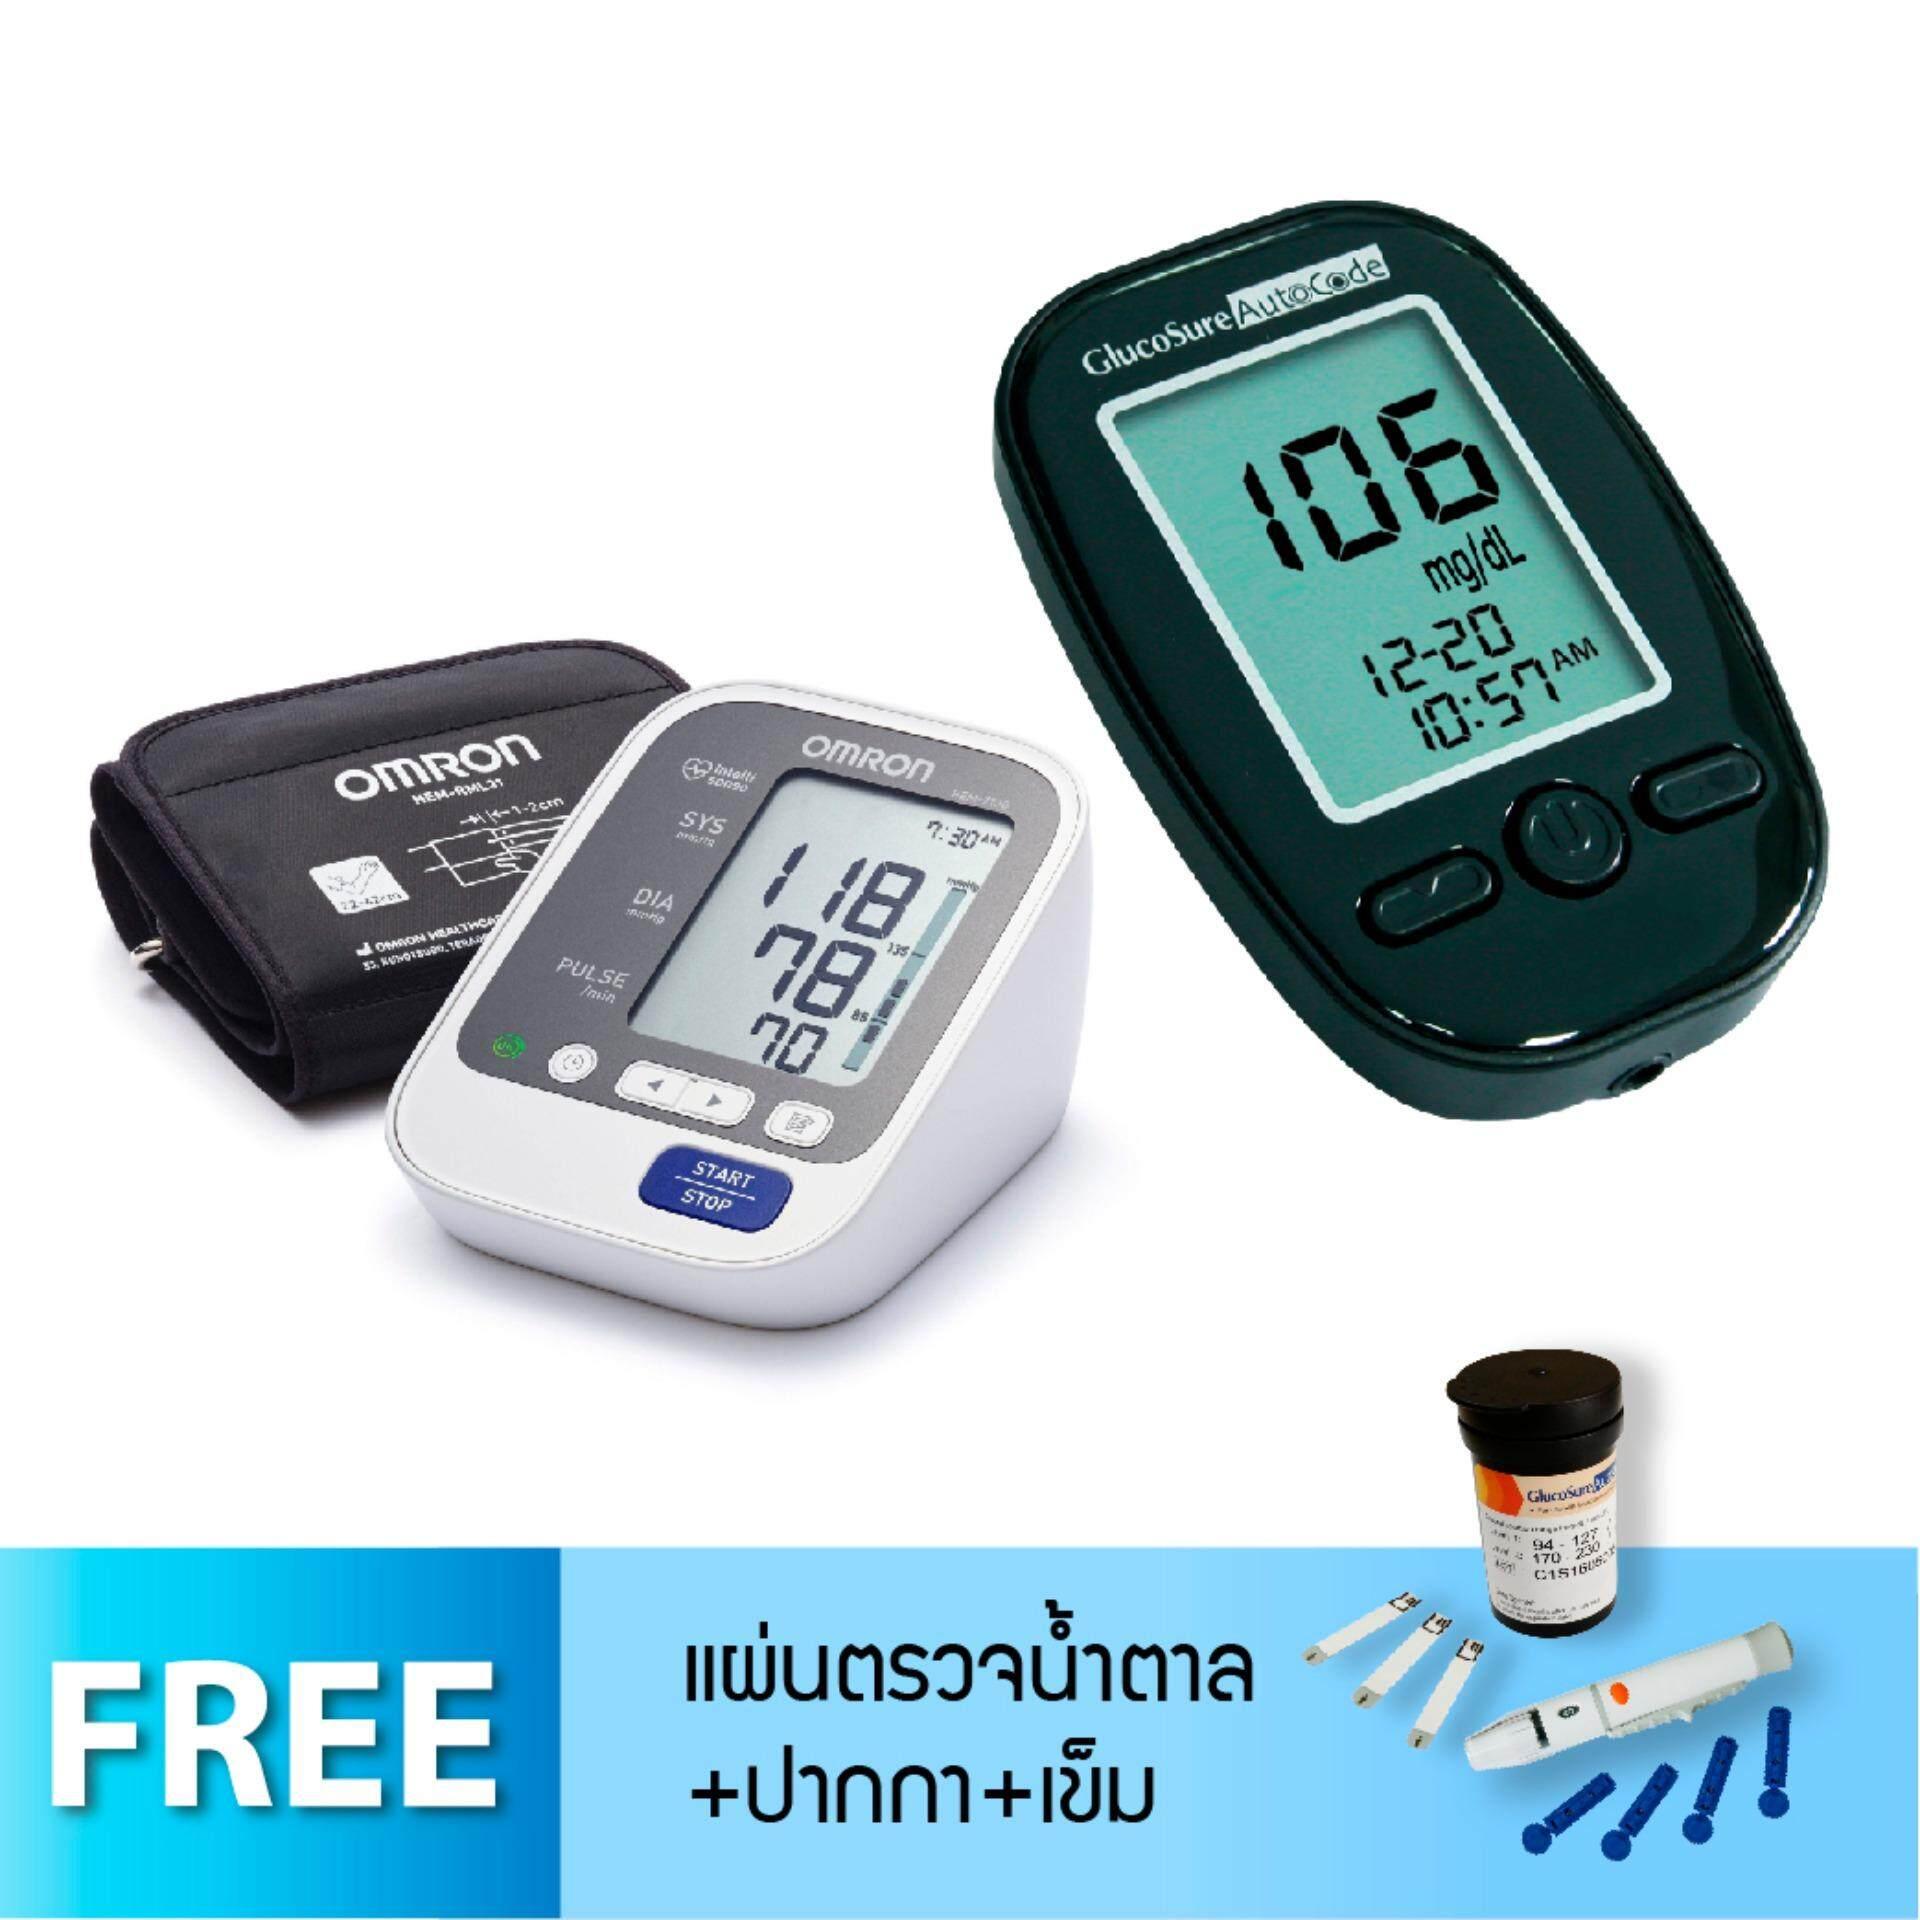 ขาย Glucosure Autocode เครื่องวัดน้ำตาลในเลือด และเครื่องวัดความดัน Omron Hem 7130 ออนไลน์ ใน กรุงเทพมหานคร